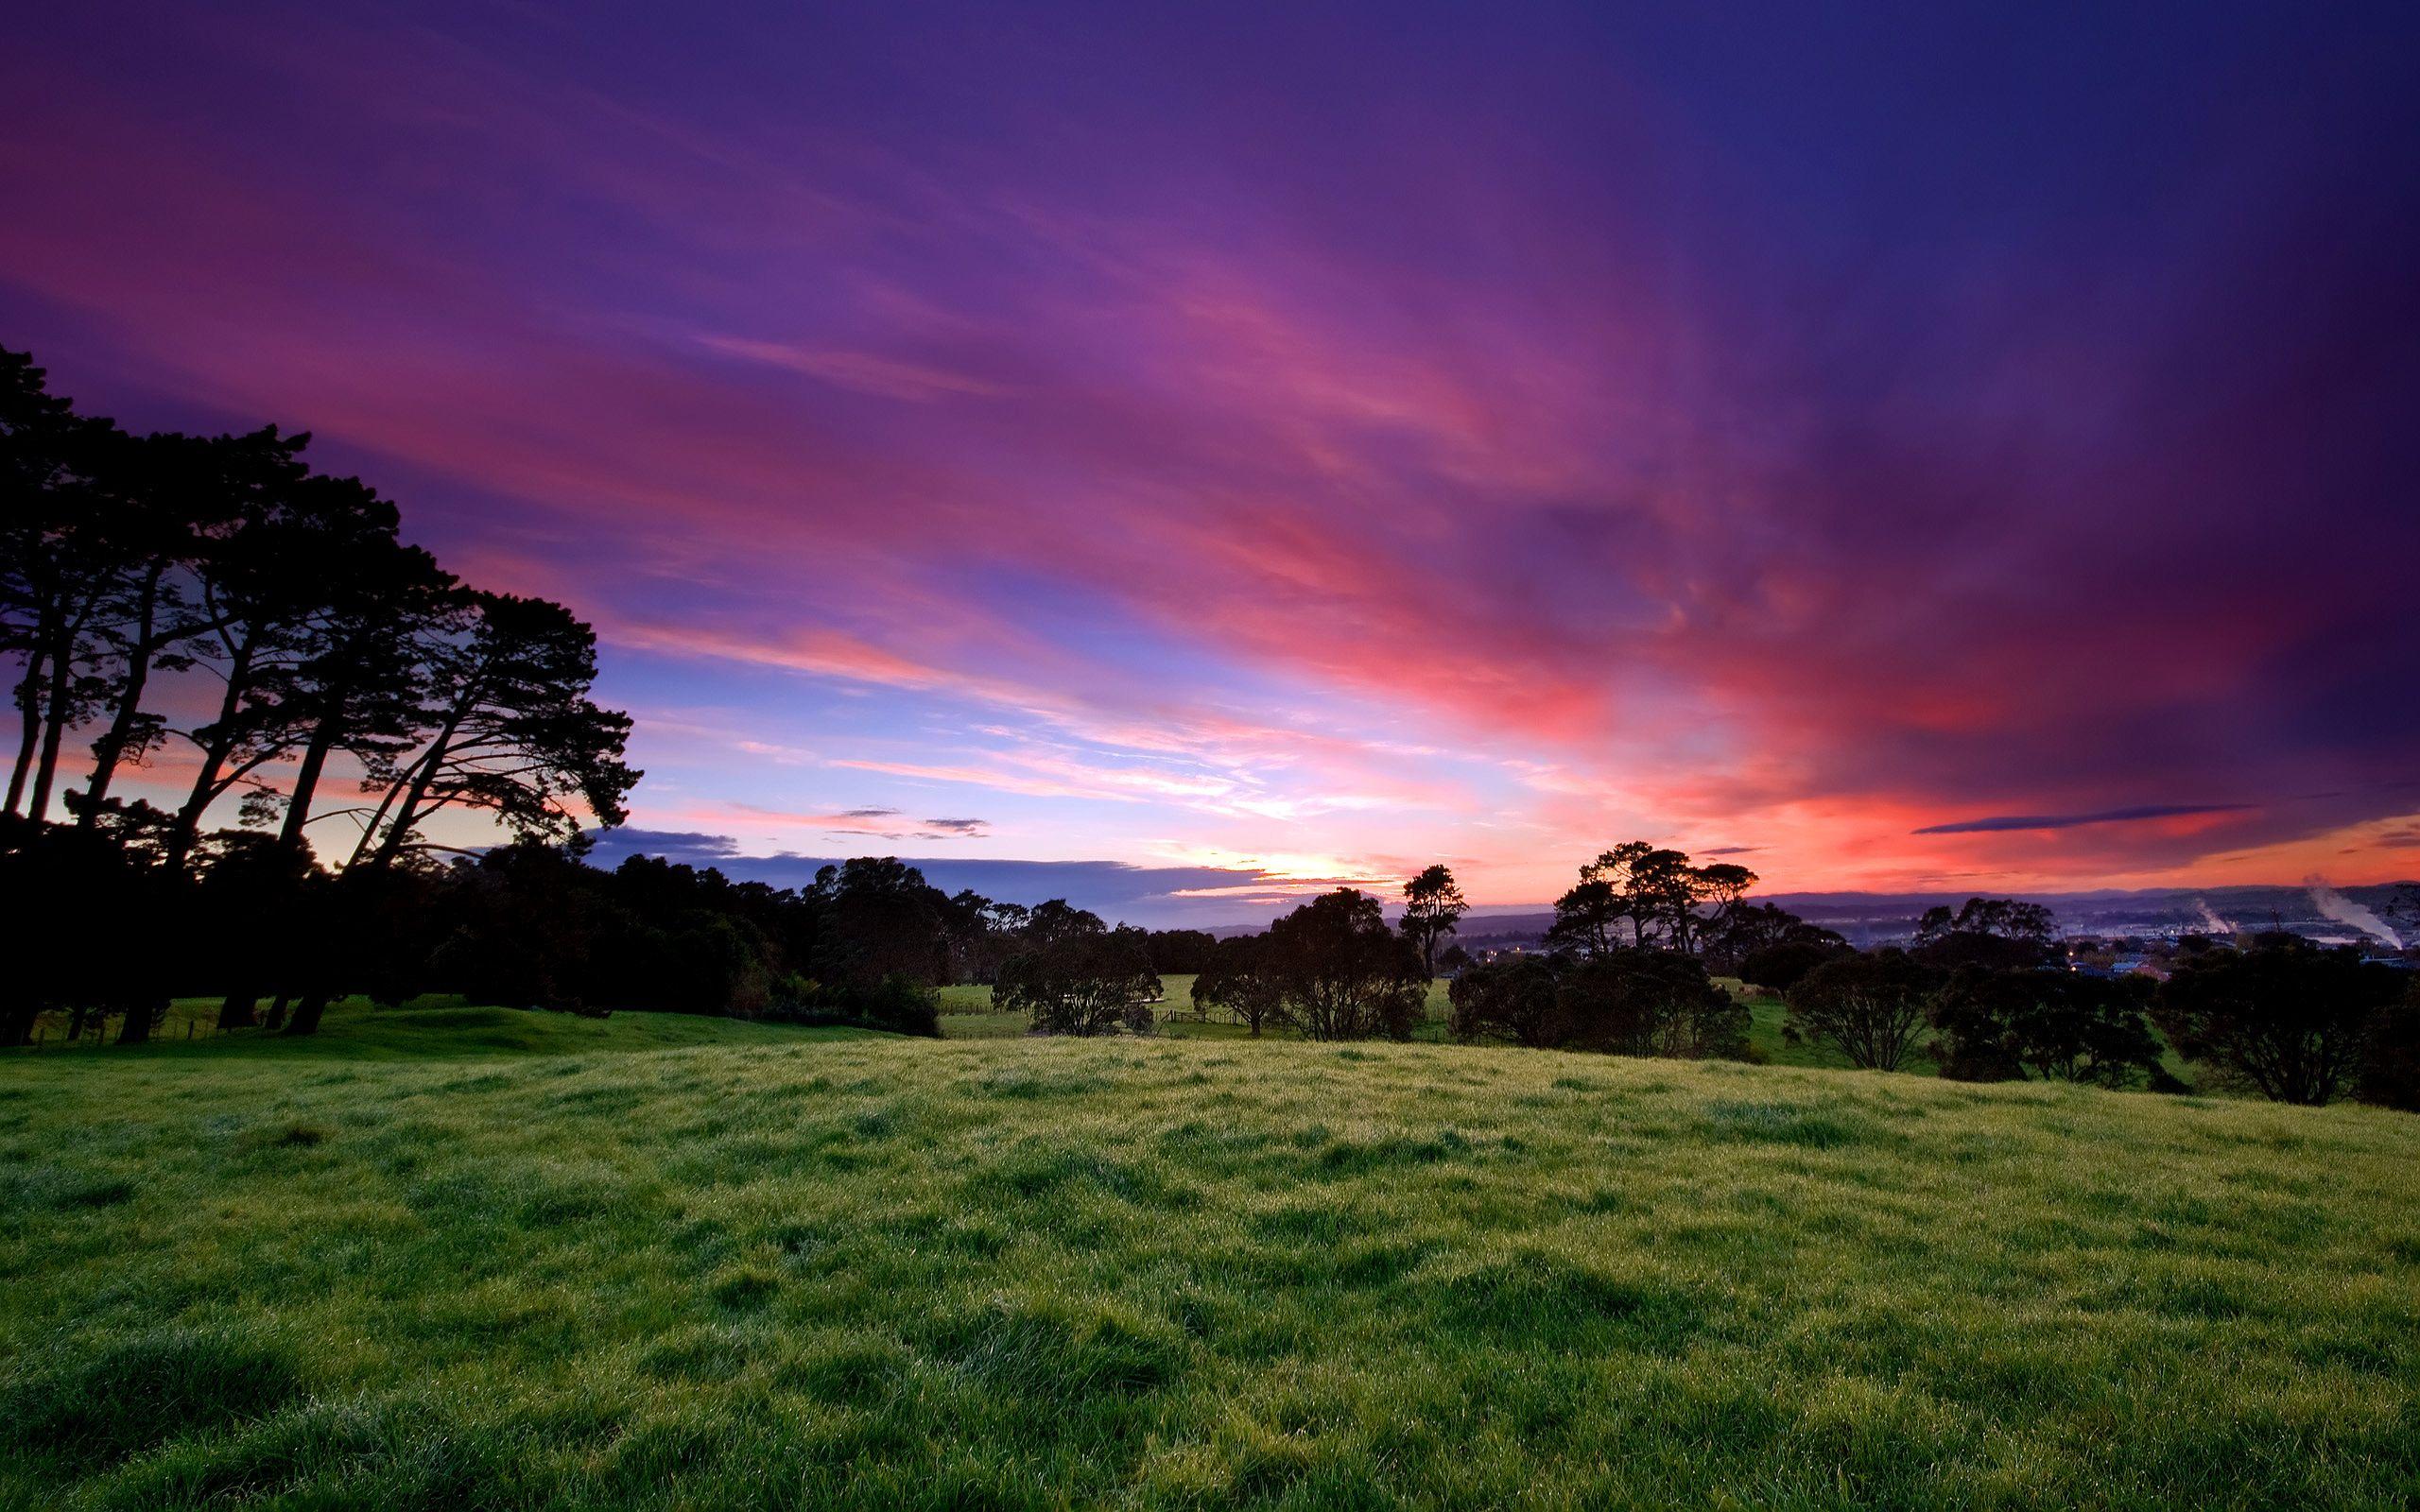 Landscape Nature Hd Beautiful Landscape Wallpaper Sunrise Photography Nature Images